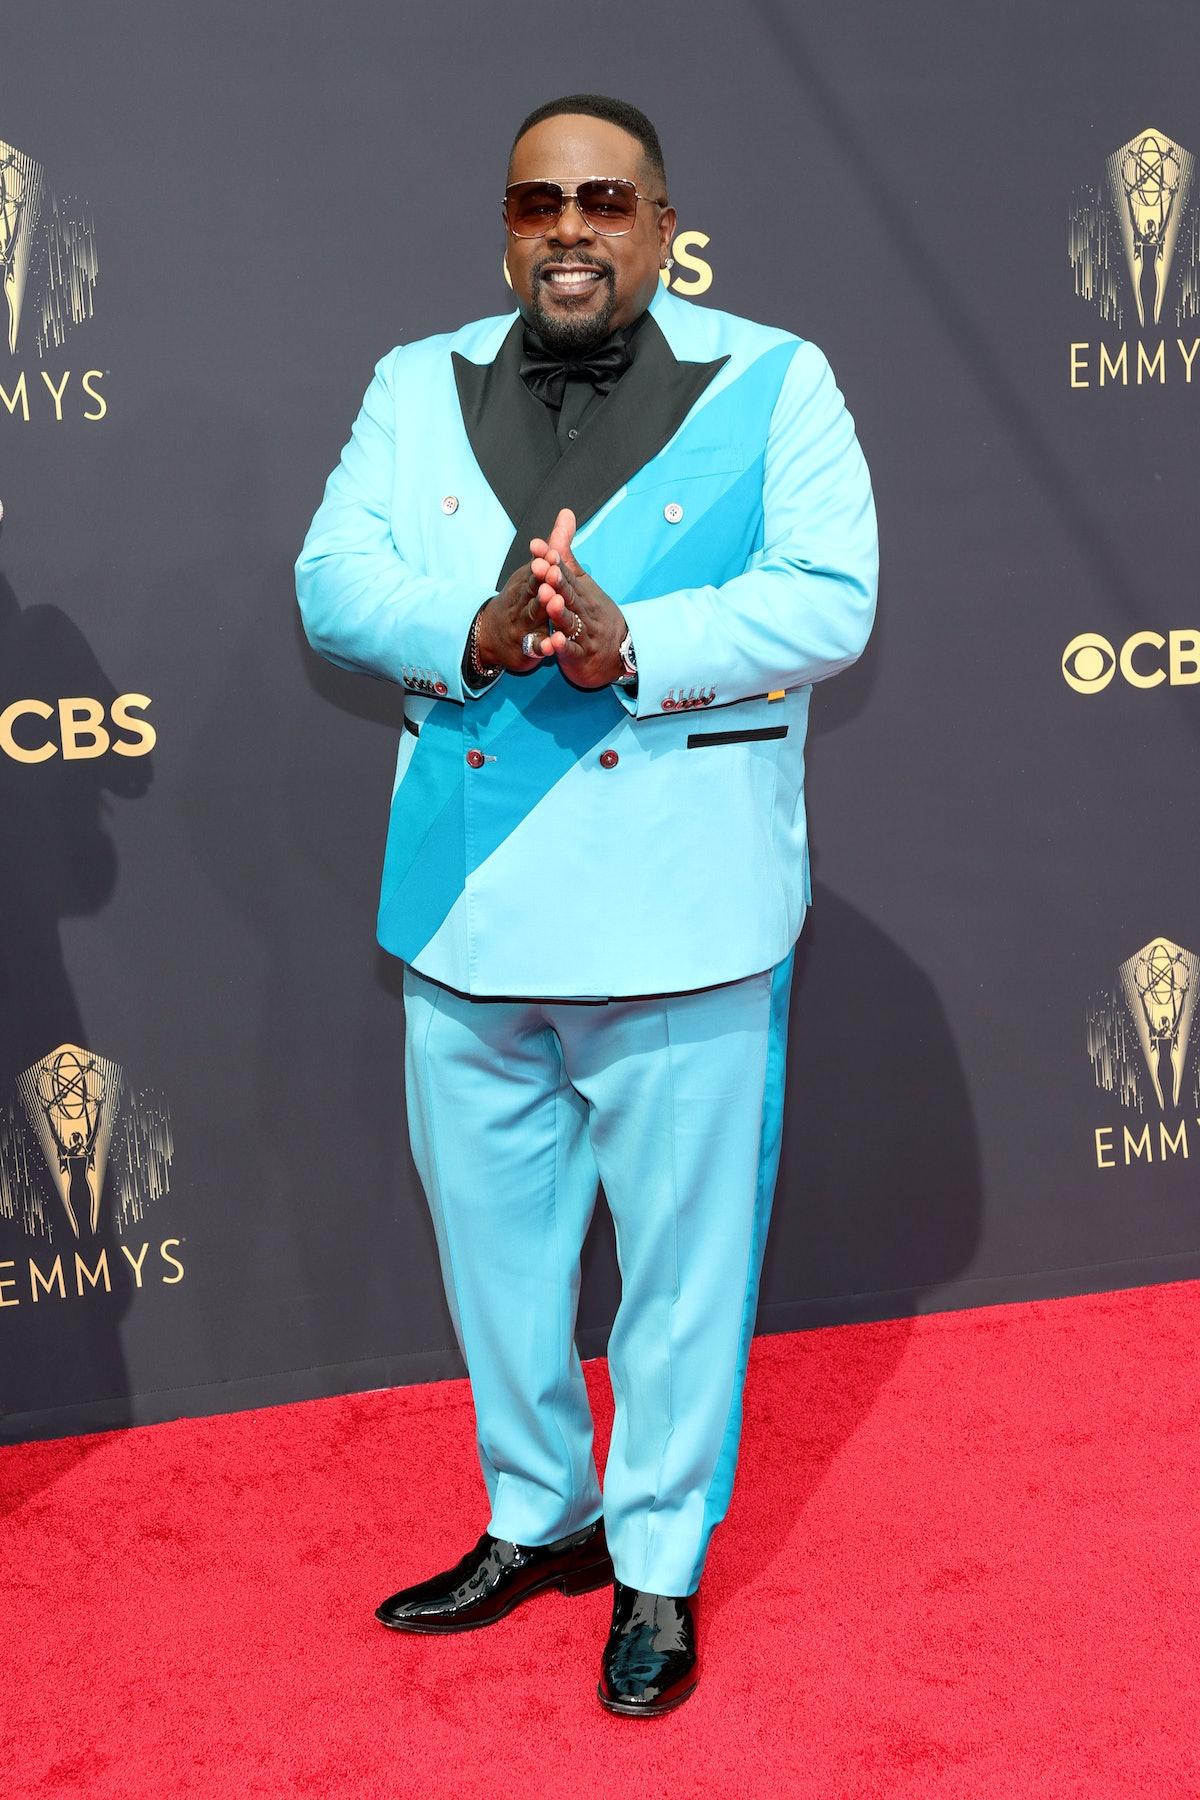 لوس آنجلس ، کالیفرنیا - 19 سپتامبر: میزبان سدریک سرگرم کننده در 73 امین مراسم Emmy Primetime شرکت کرد ...